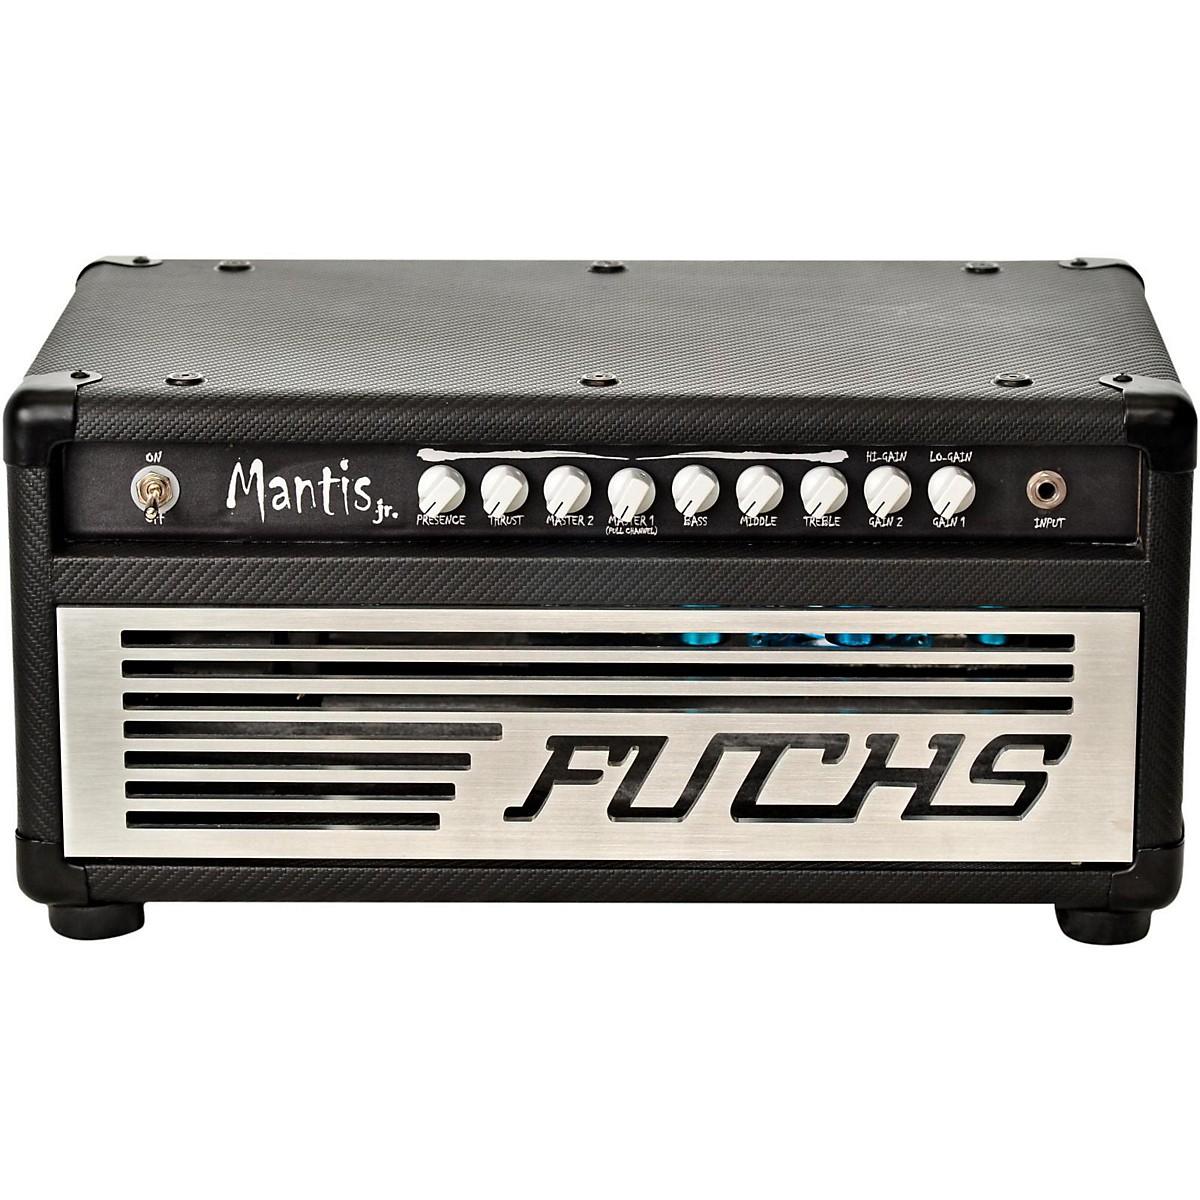 Fuchs Mantis Jr. 100W Tube Guitar Head